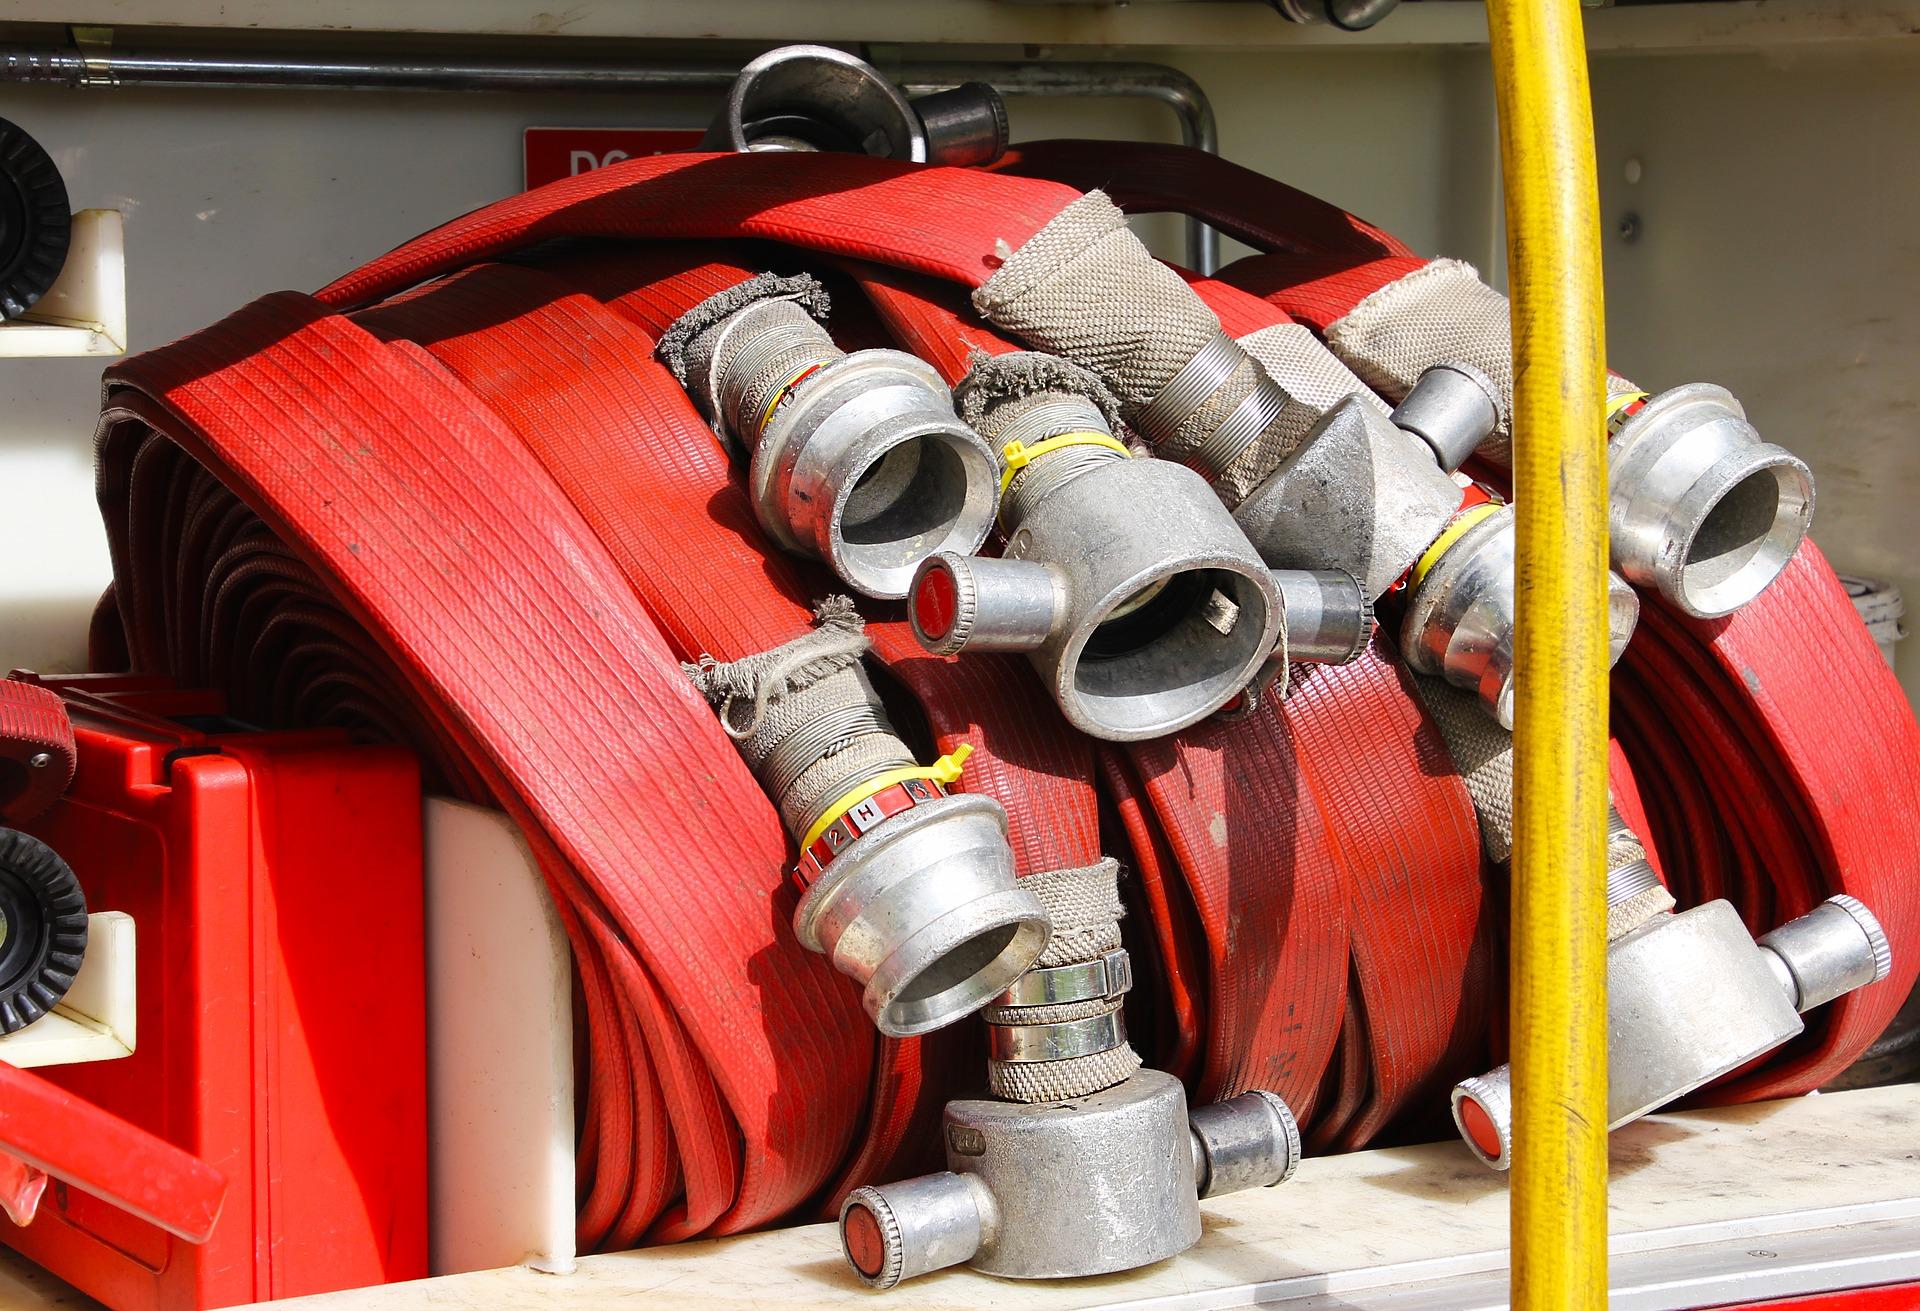 Монтаж, техническое обслуживание и ремонт систем противопожарного водоснабжения и их элементов включая диспетчеризацию и проведение пусконаладочных работ